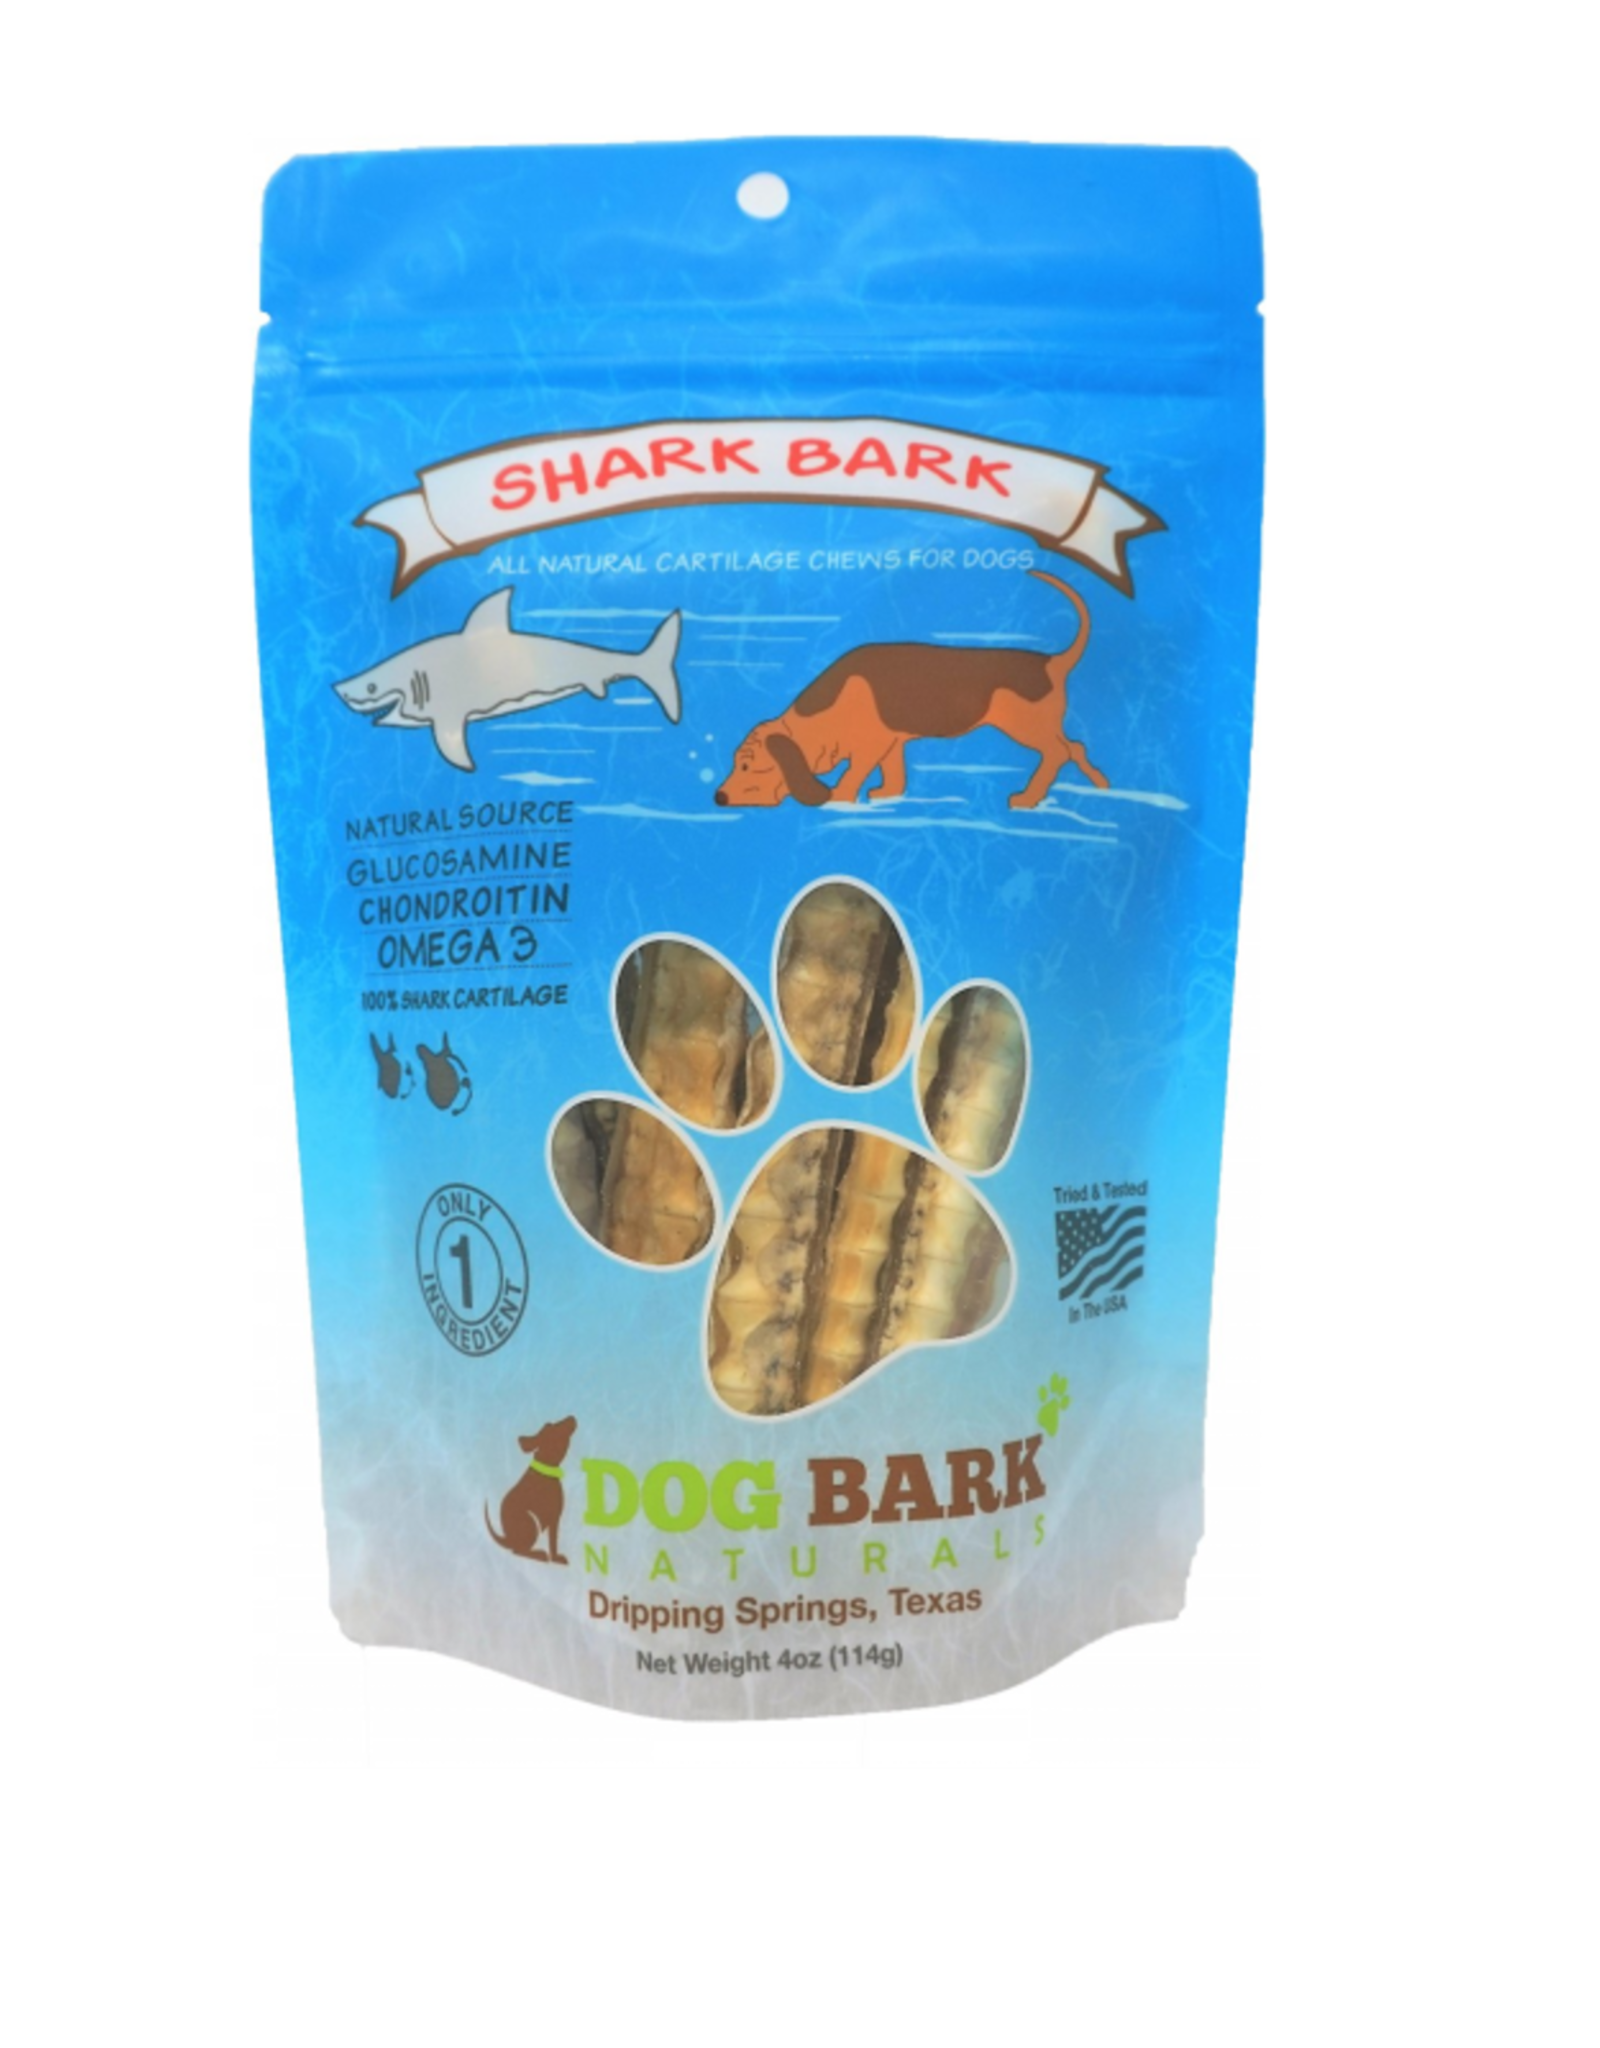 Dog Bark Naturals Shark Bark